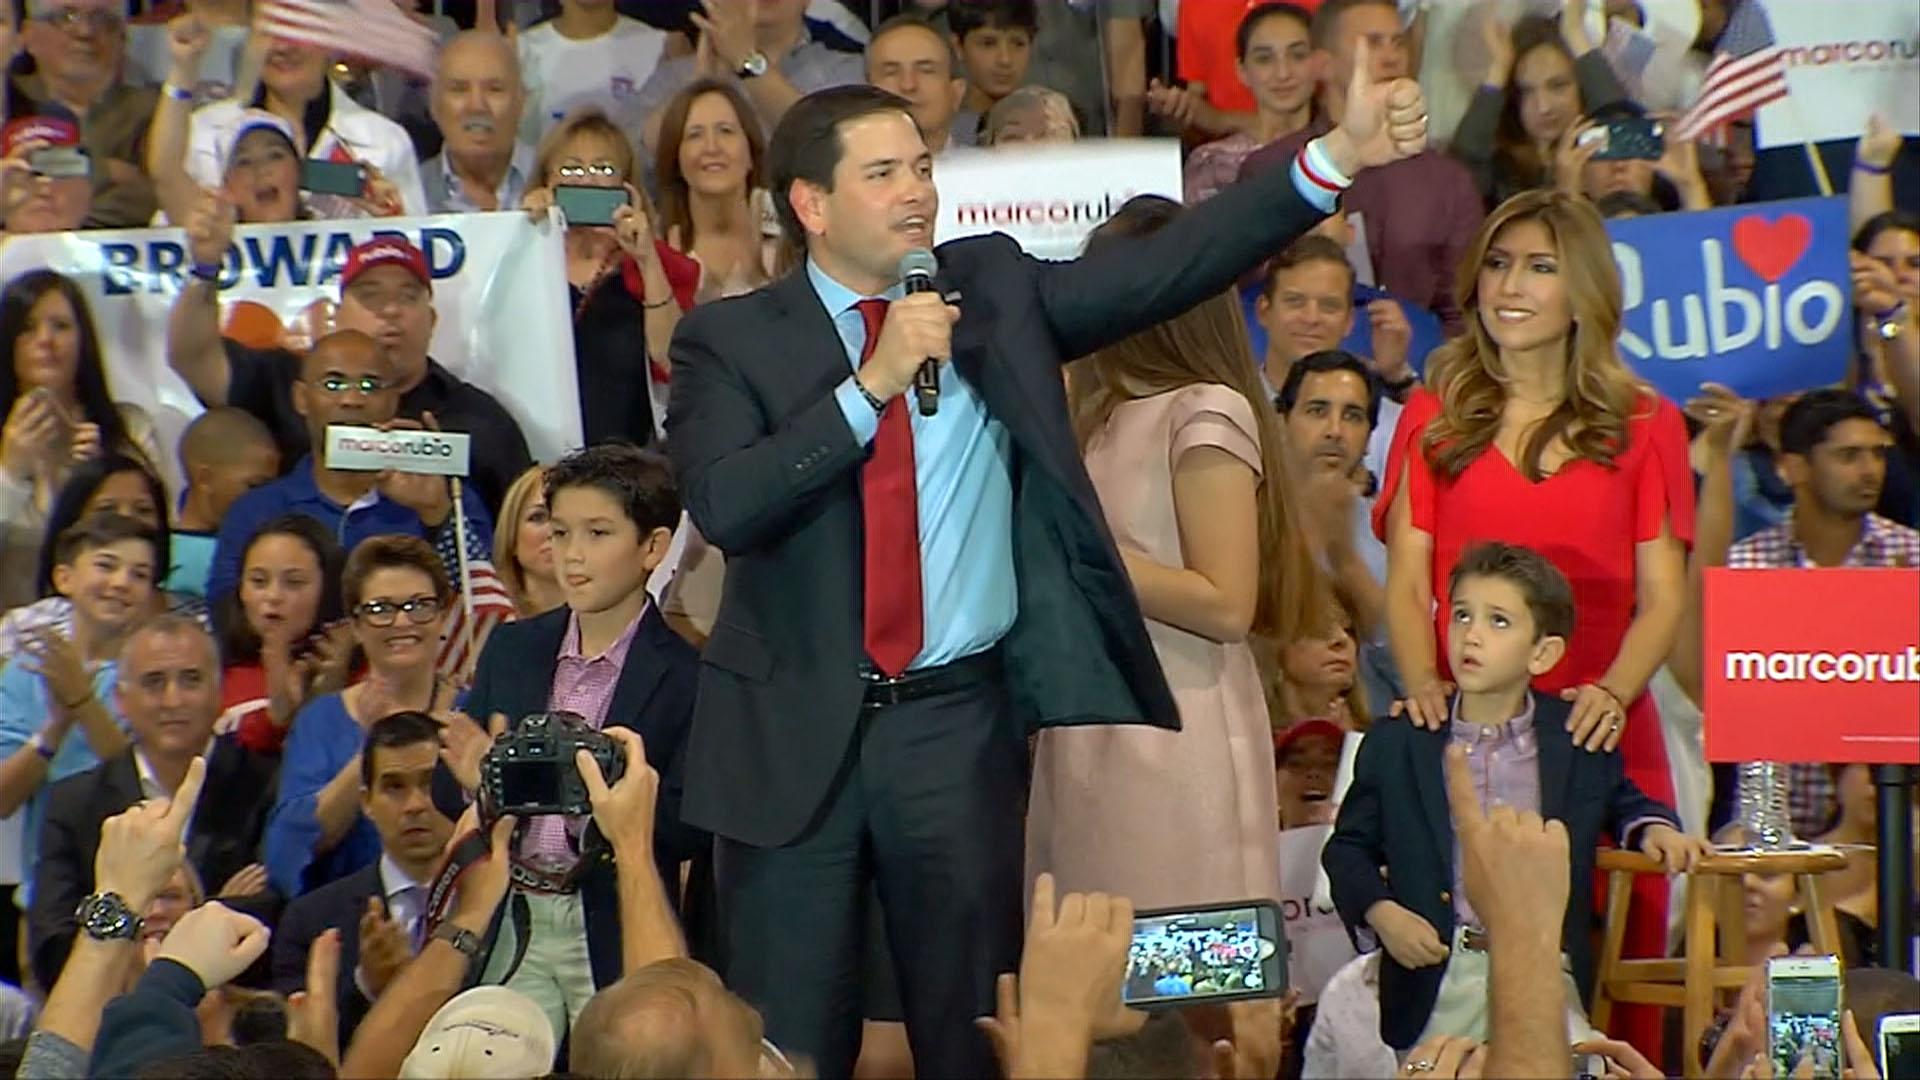 Rubio Embraces 'Underdog' Status